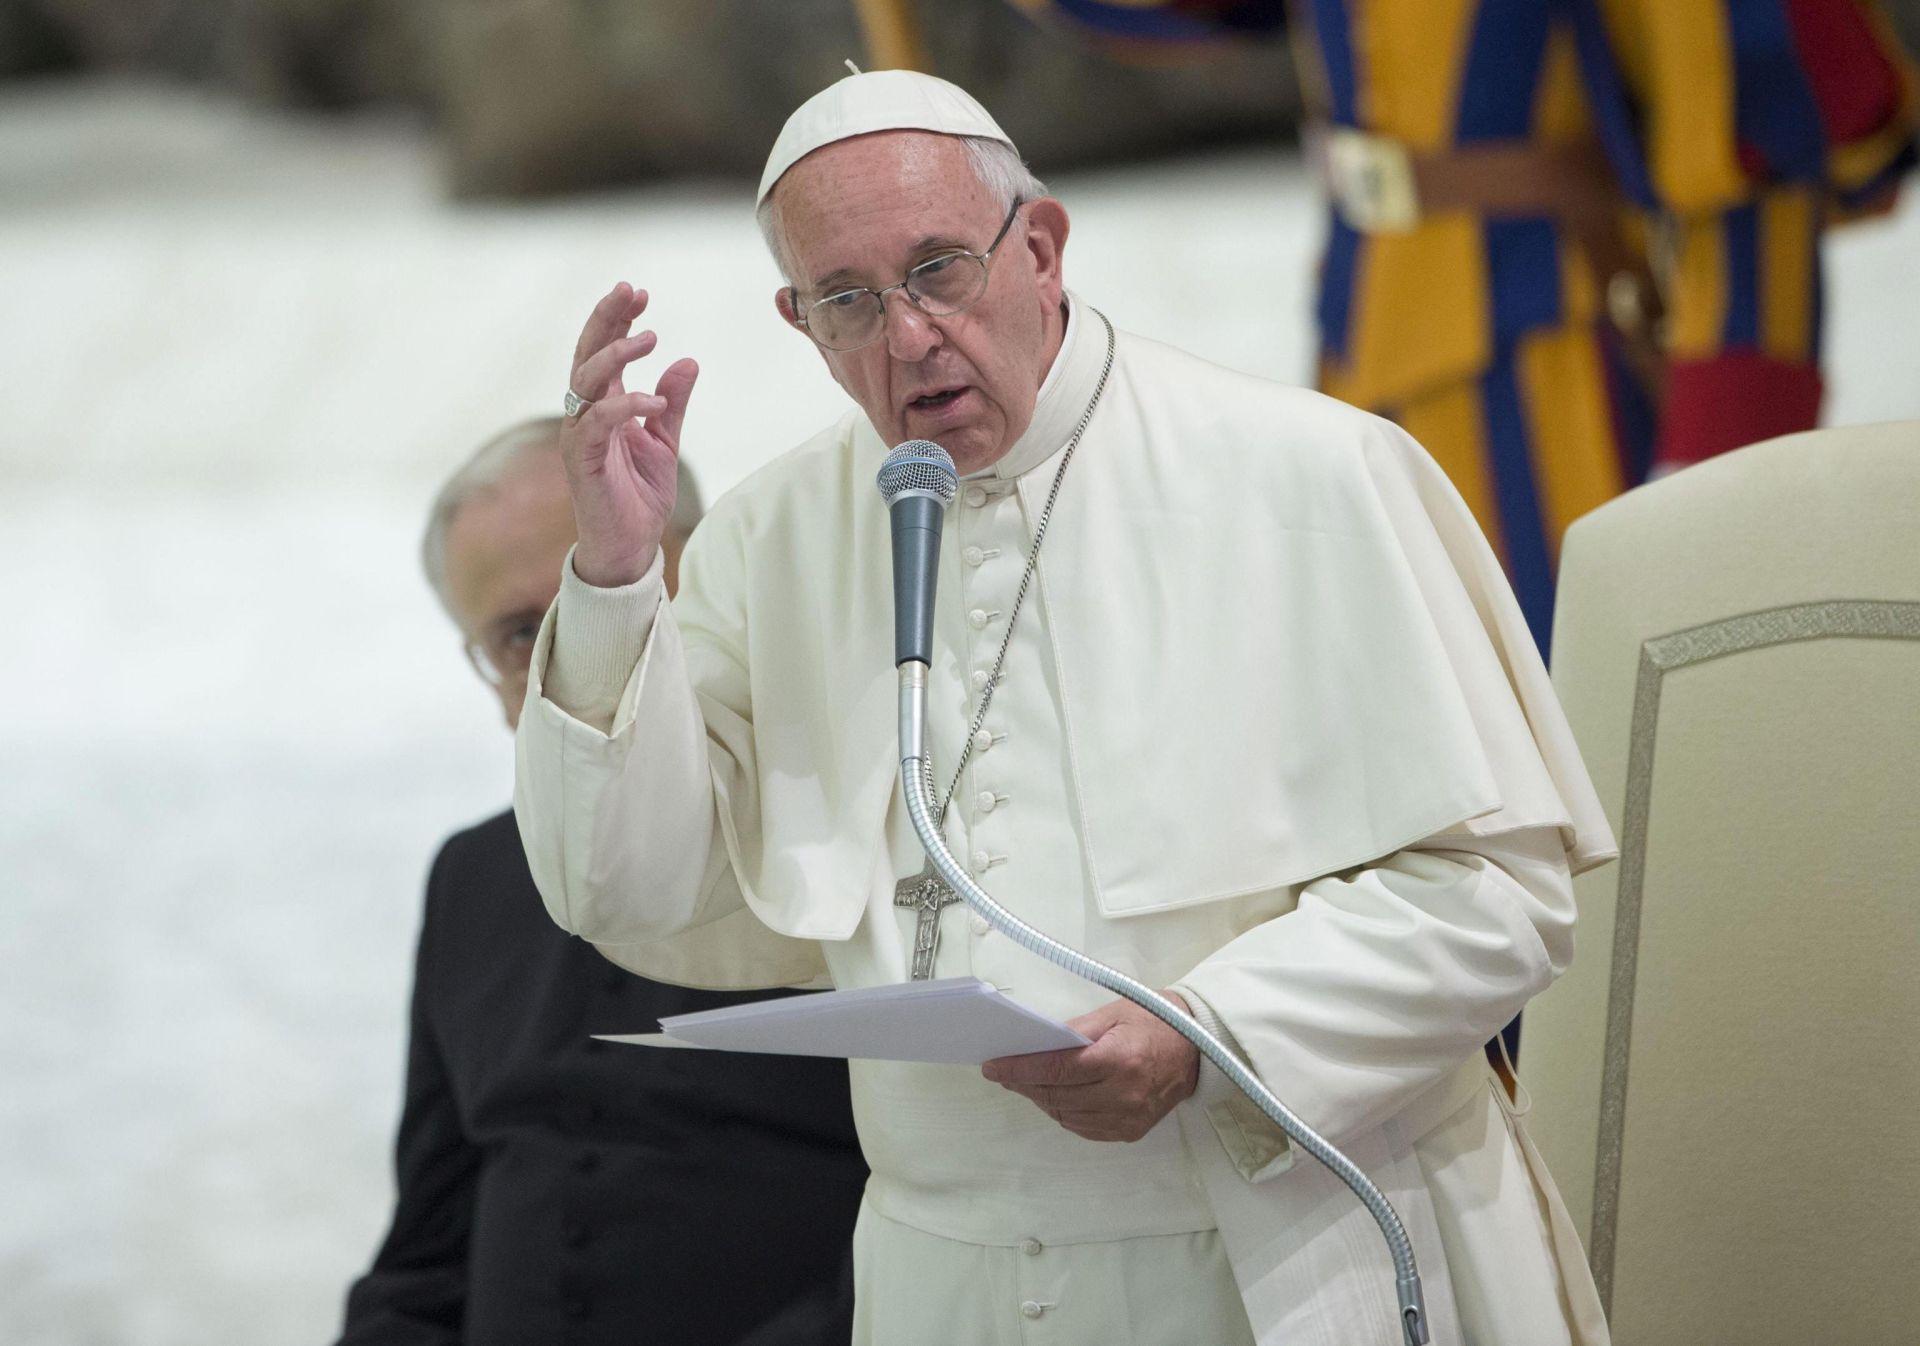 'ZATVARANJE OČIJU': Papa prihvatio ostavku brazilskog biskupa zbog pedofilskog skandala